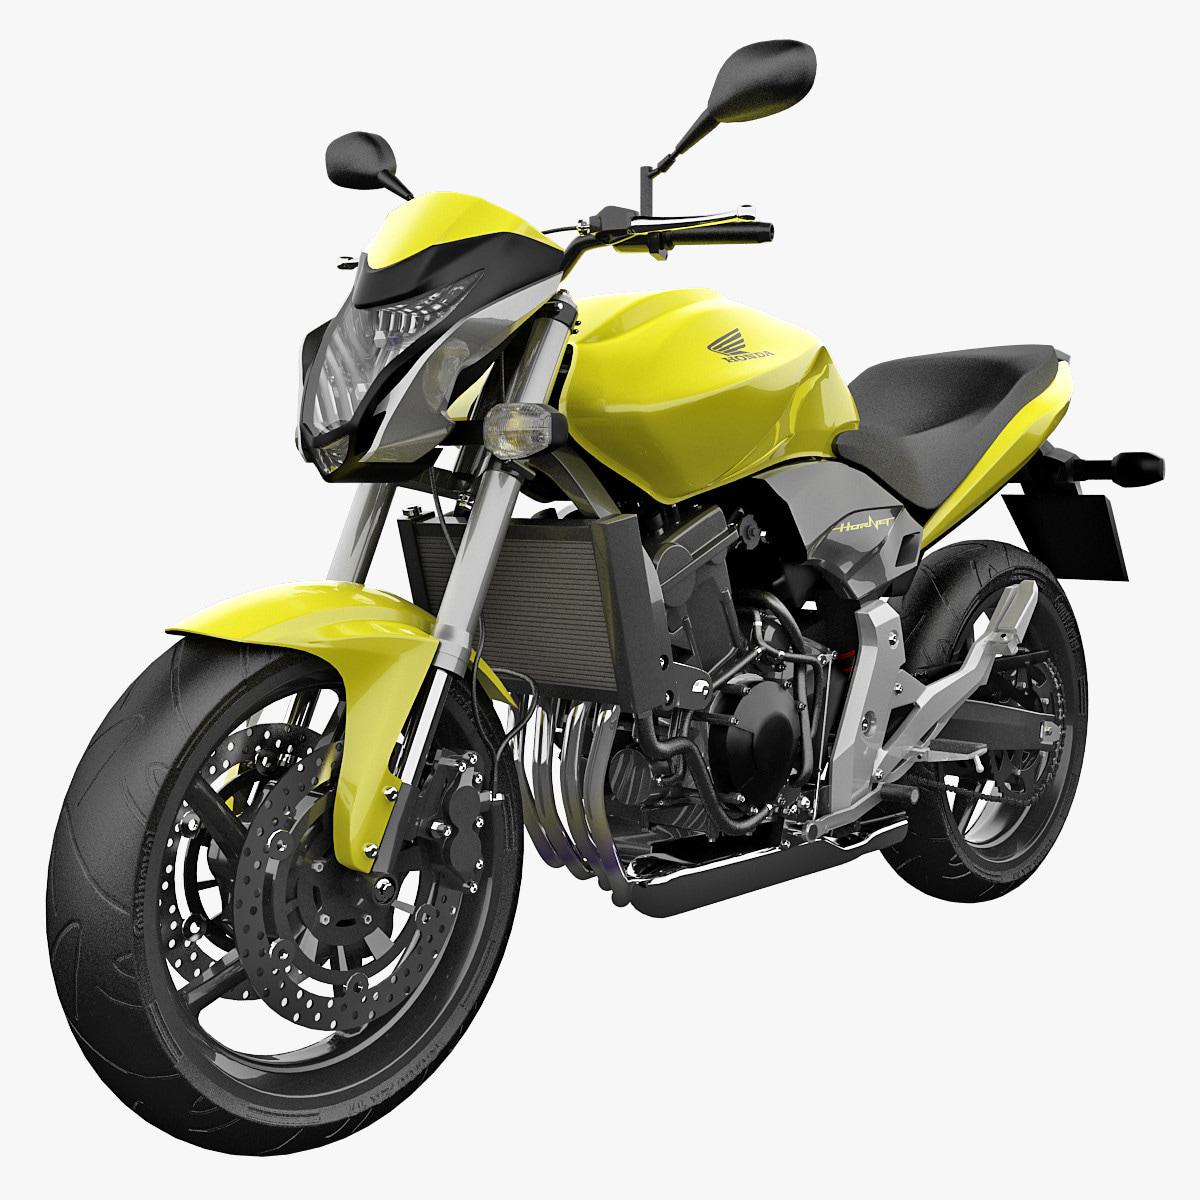 Honda_Hornet_0000.jpg6fe0345f-31a1-4cea-9373-858cb9fcc38cOriginal.jpg